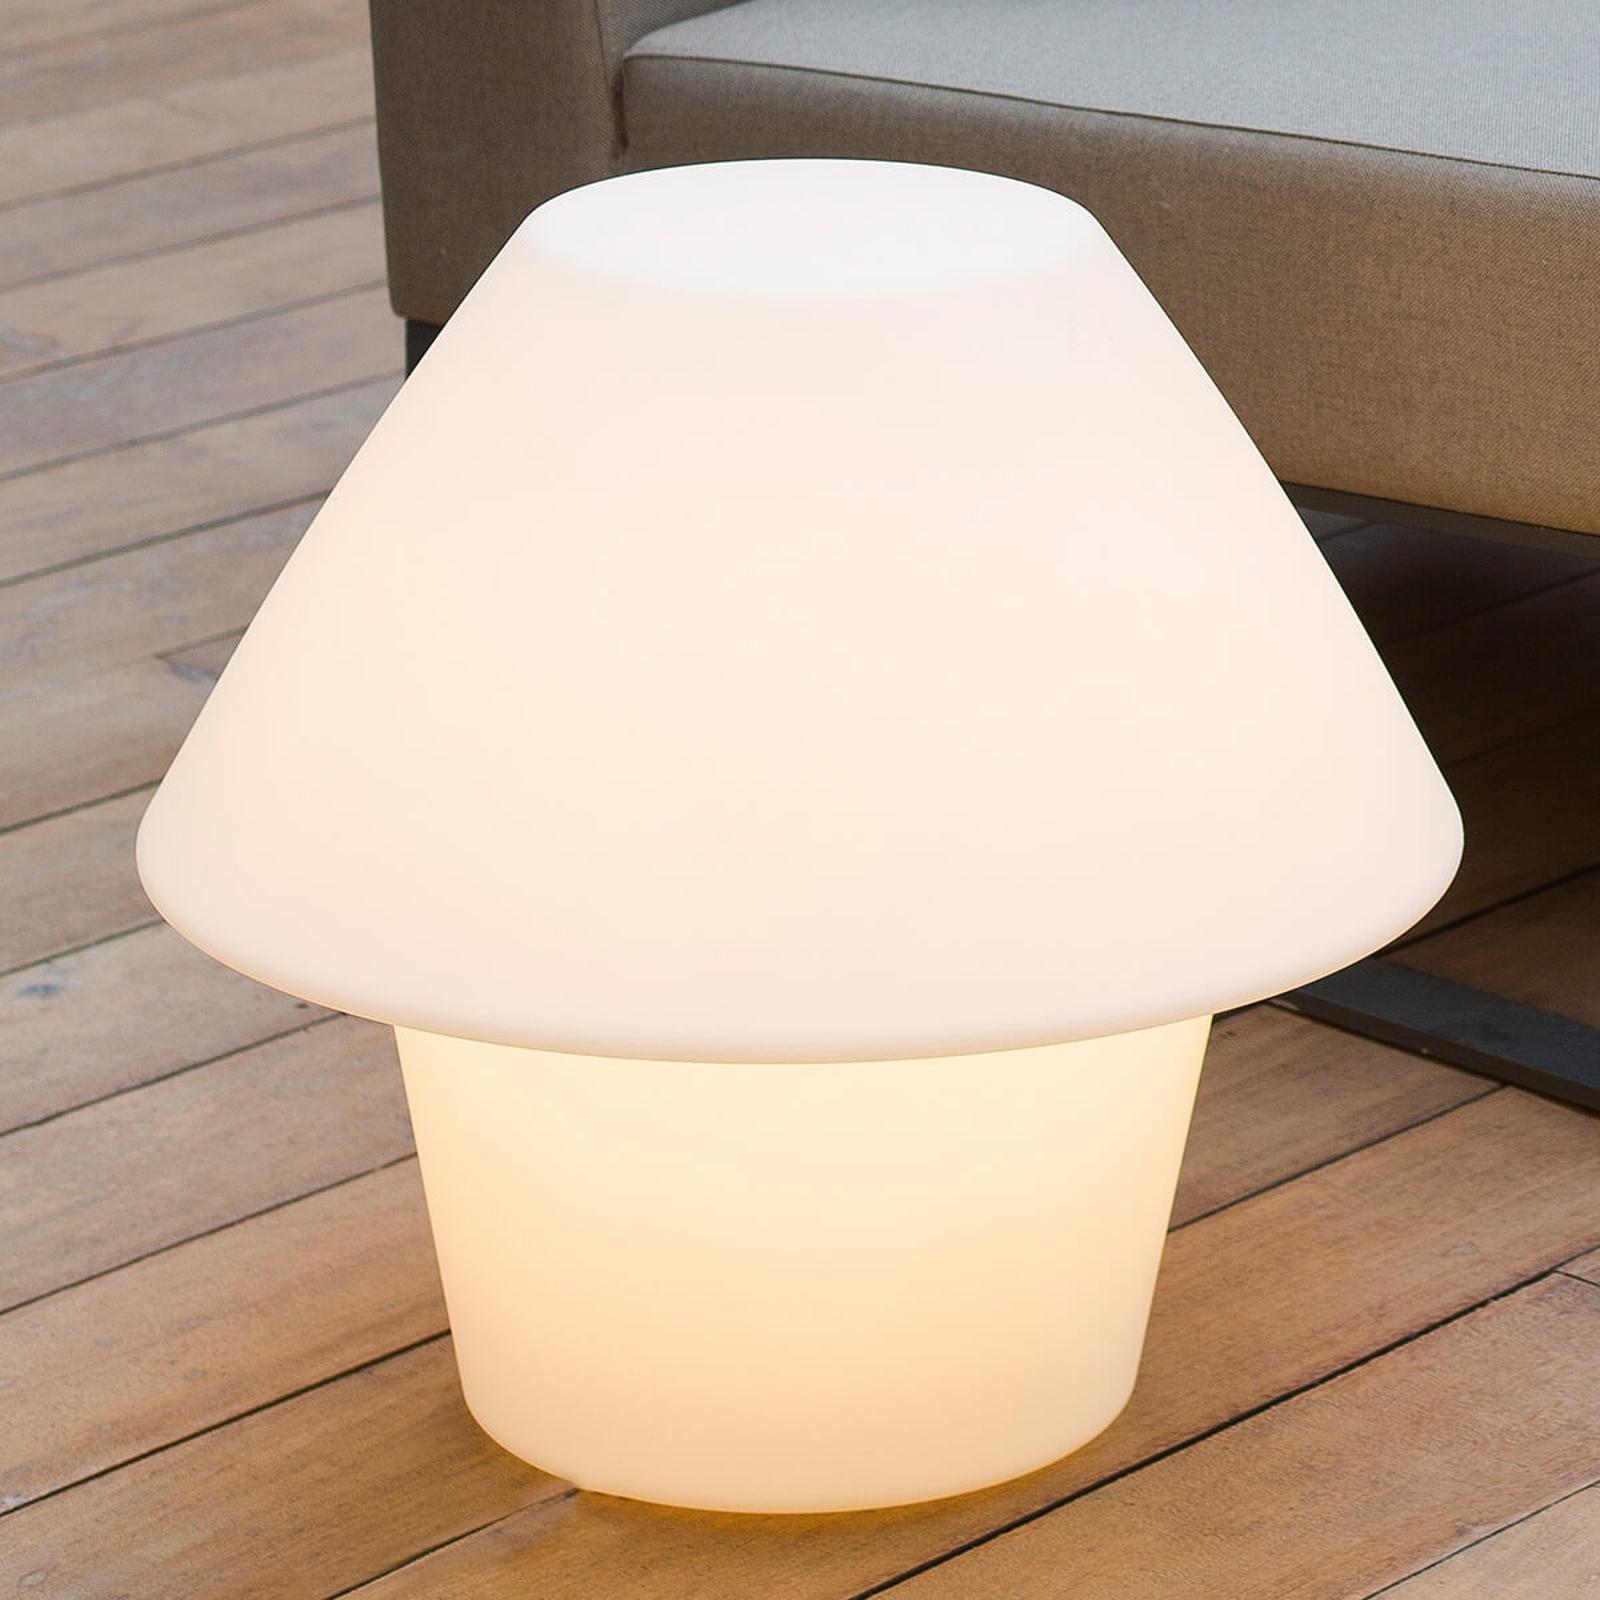 Versus Completely Illum. Exterior Decorative Lamp_3505335_1